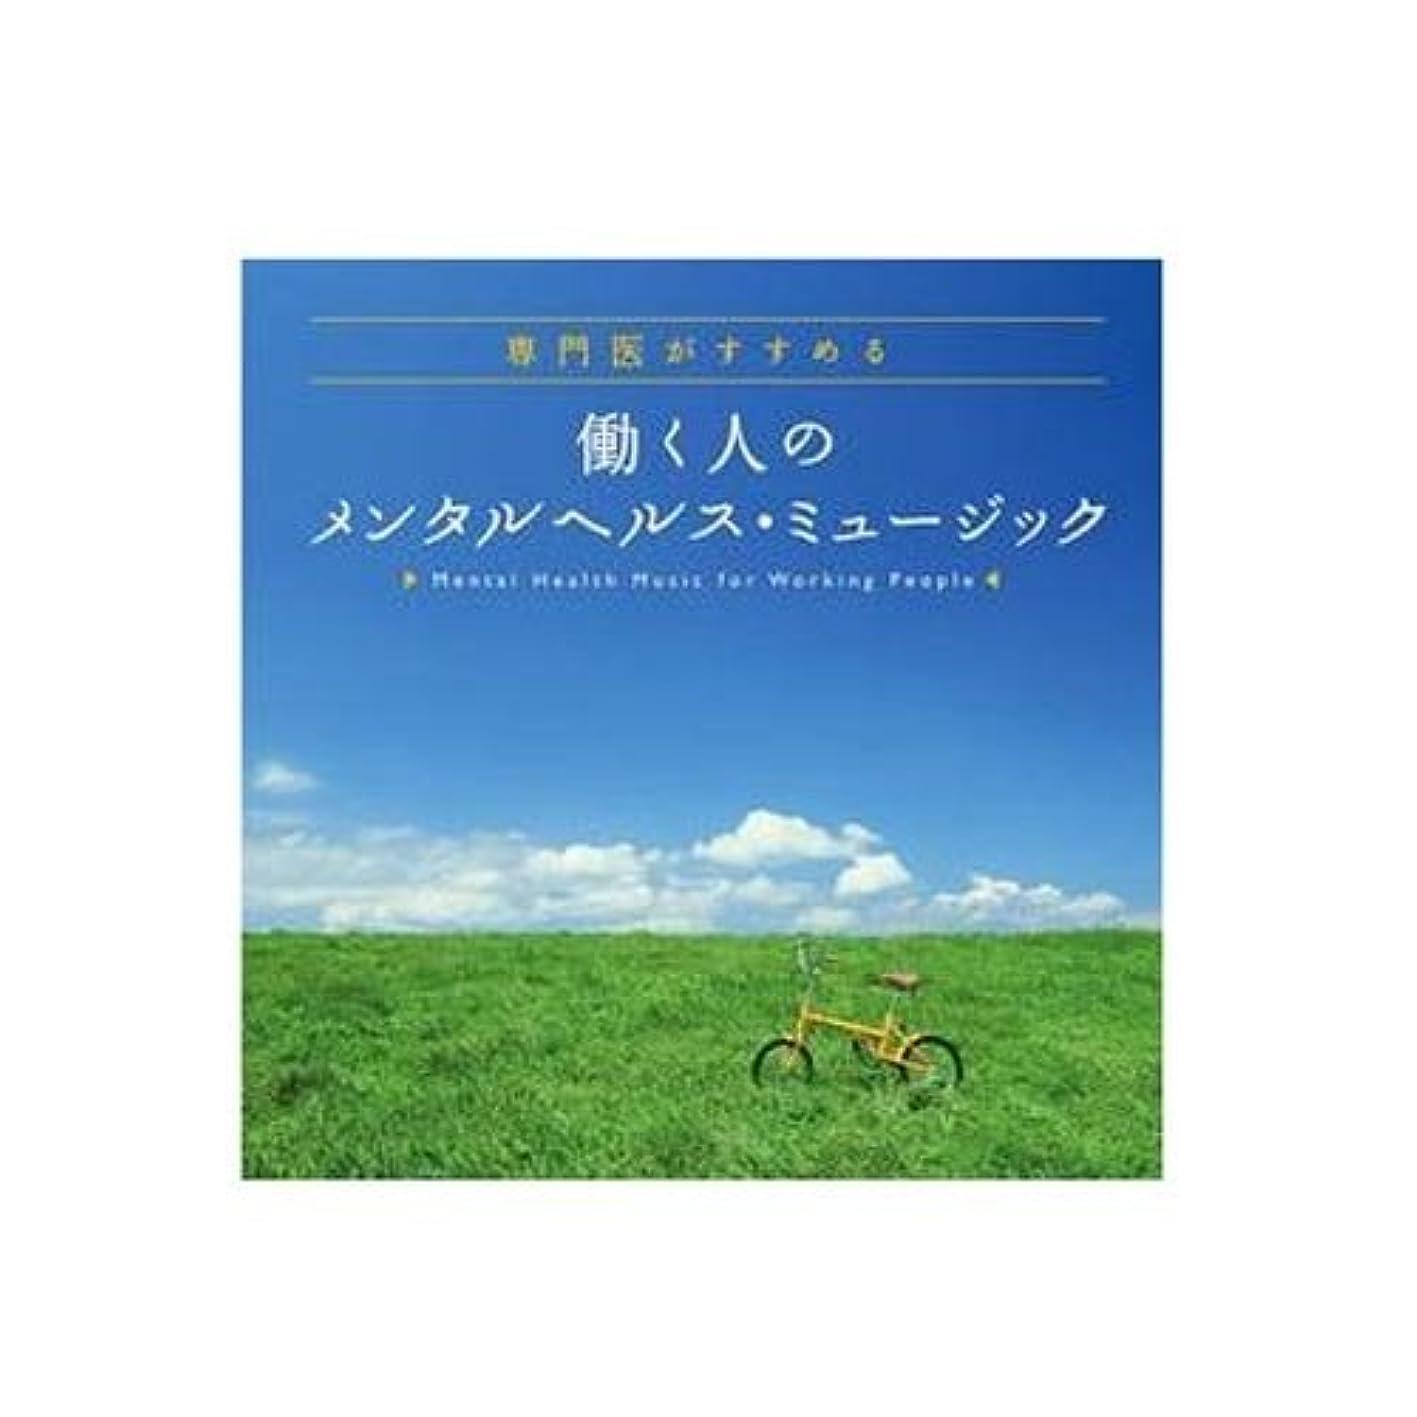 遠征お肉カウント働く人のメンタルヘルスミュージック DLMF-3908